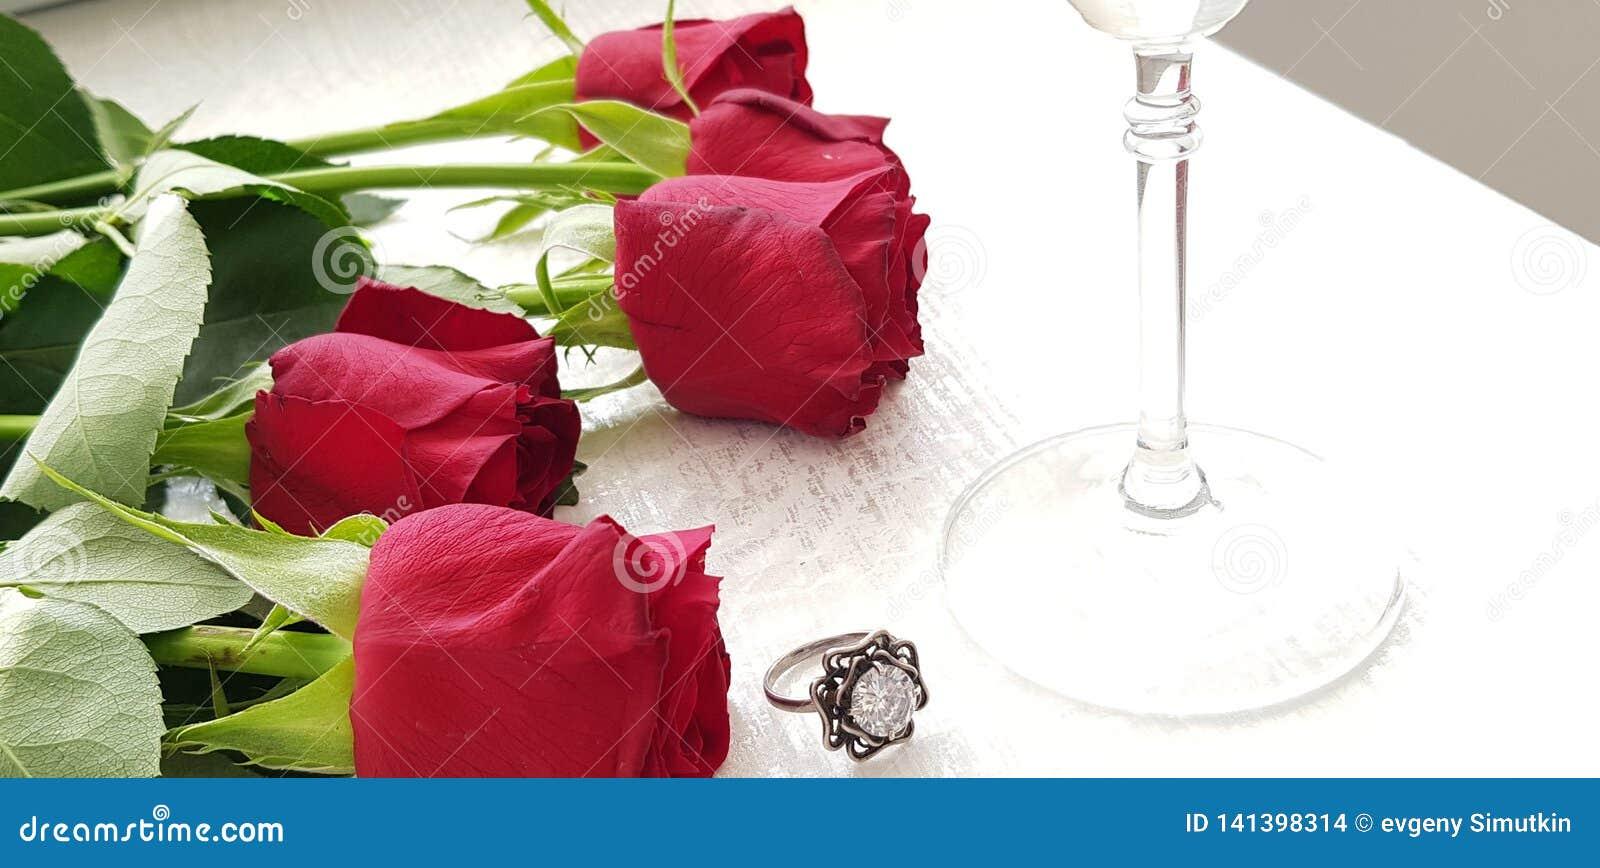 Czerwone róże kłaść na bielu stołu srebra pierścionku z dużym jasnym diamentem blisko